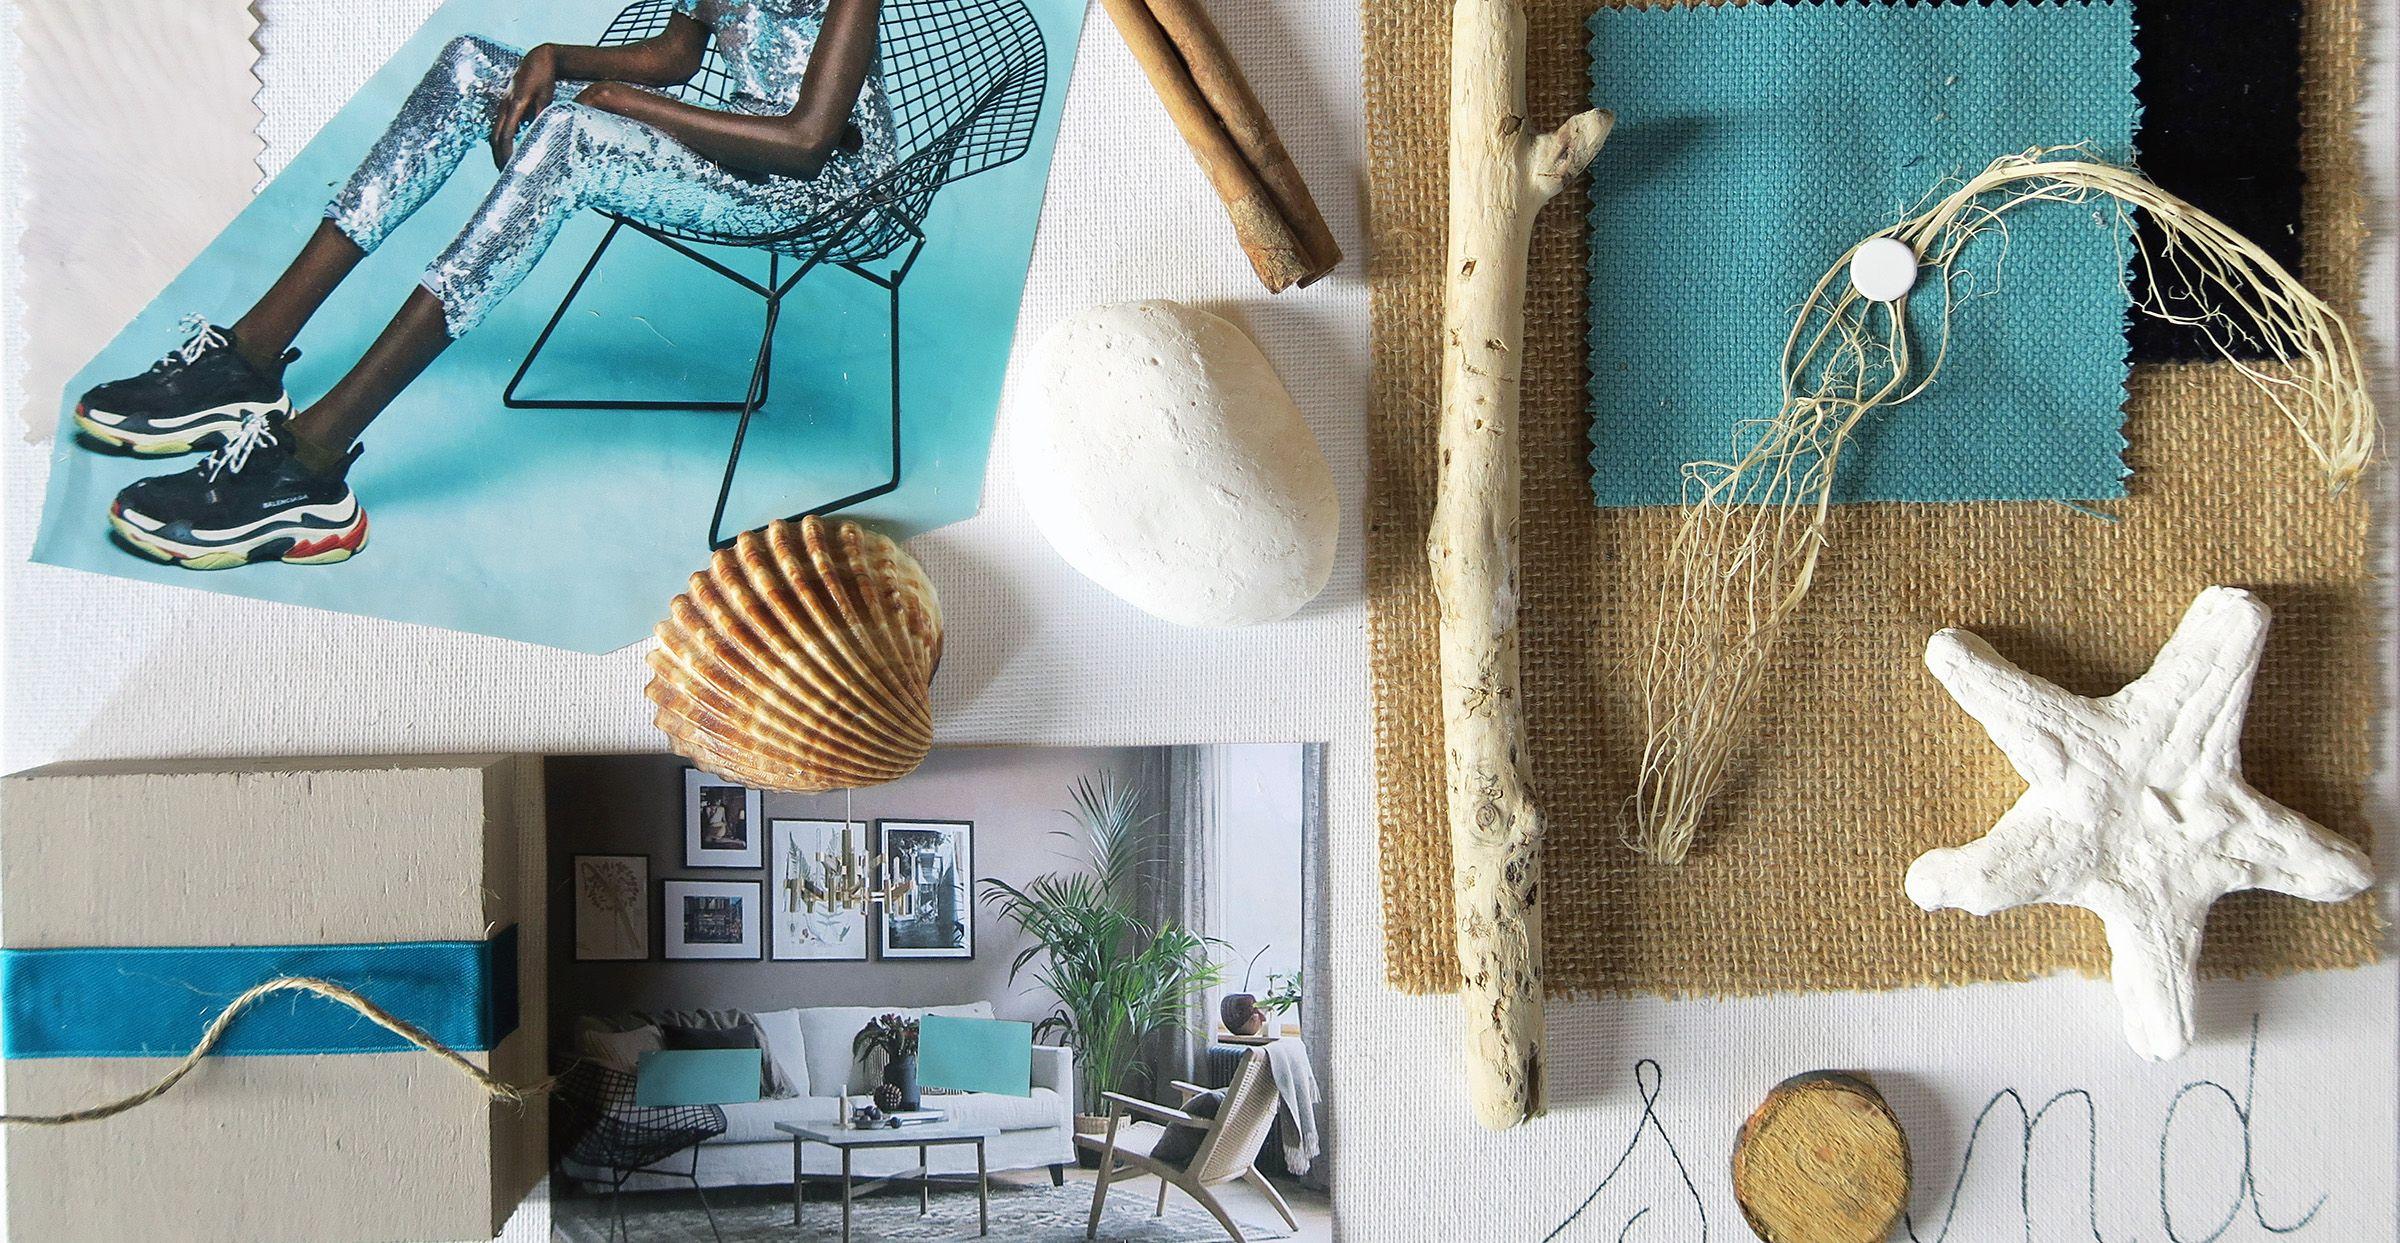 Corsi Design Di Interni.Corsi Home Styling E Relooking D Interni Corsi Home Styling E